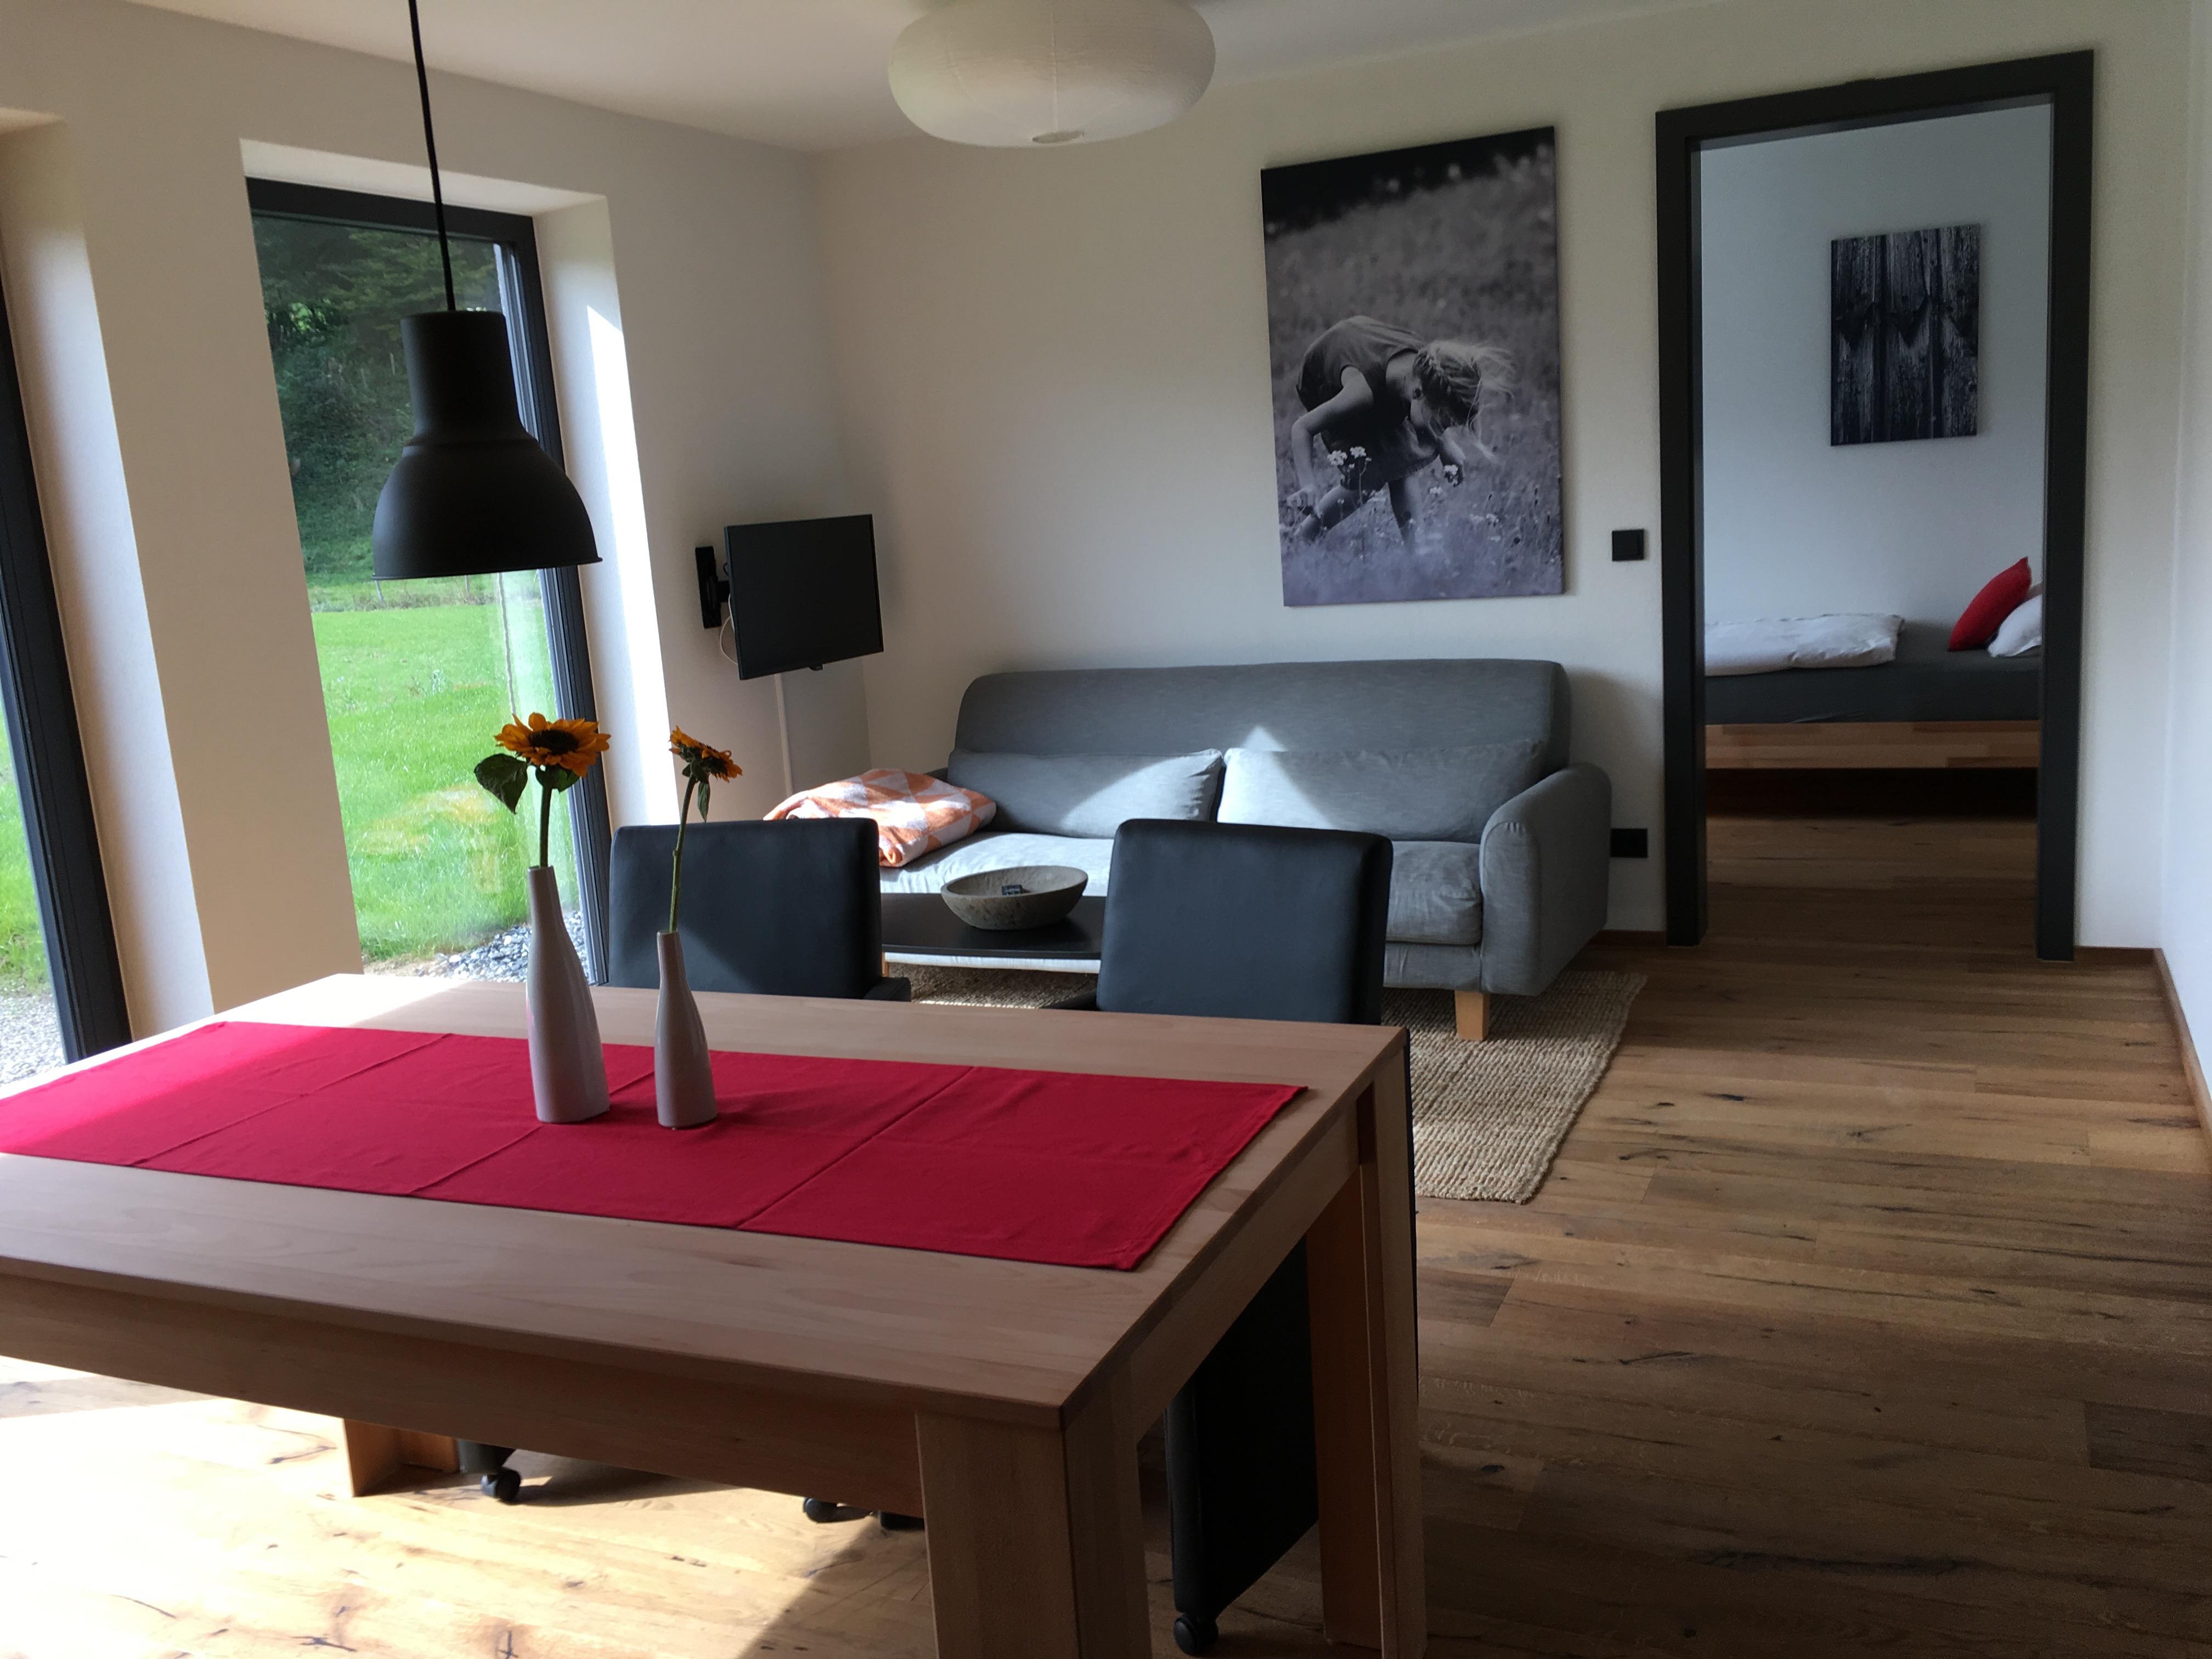 Wohnraum und Essplatz